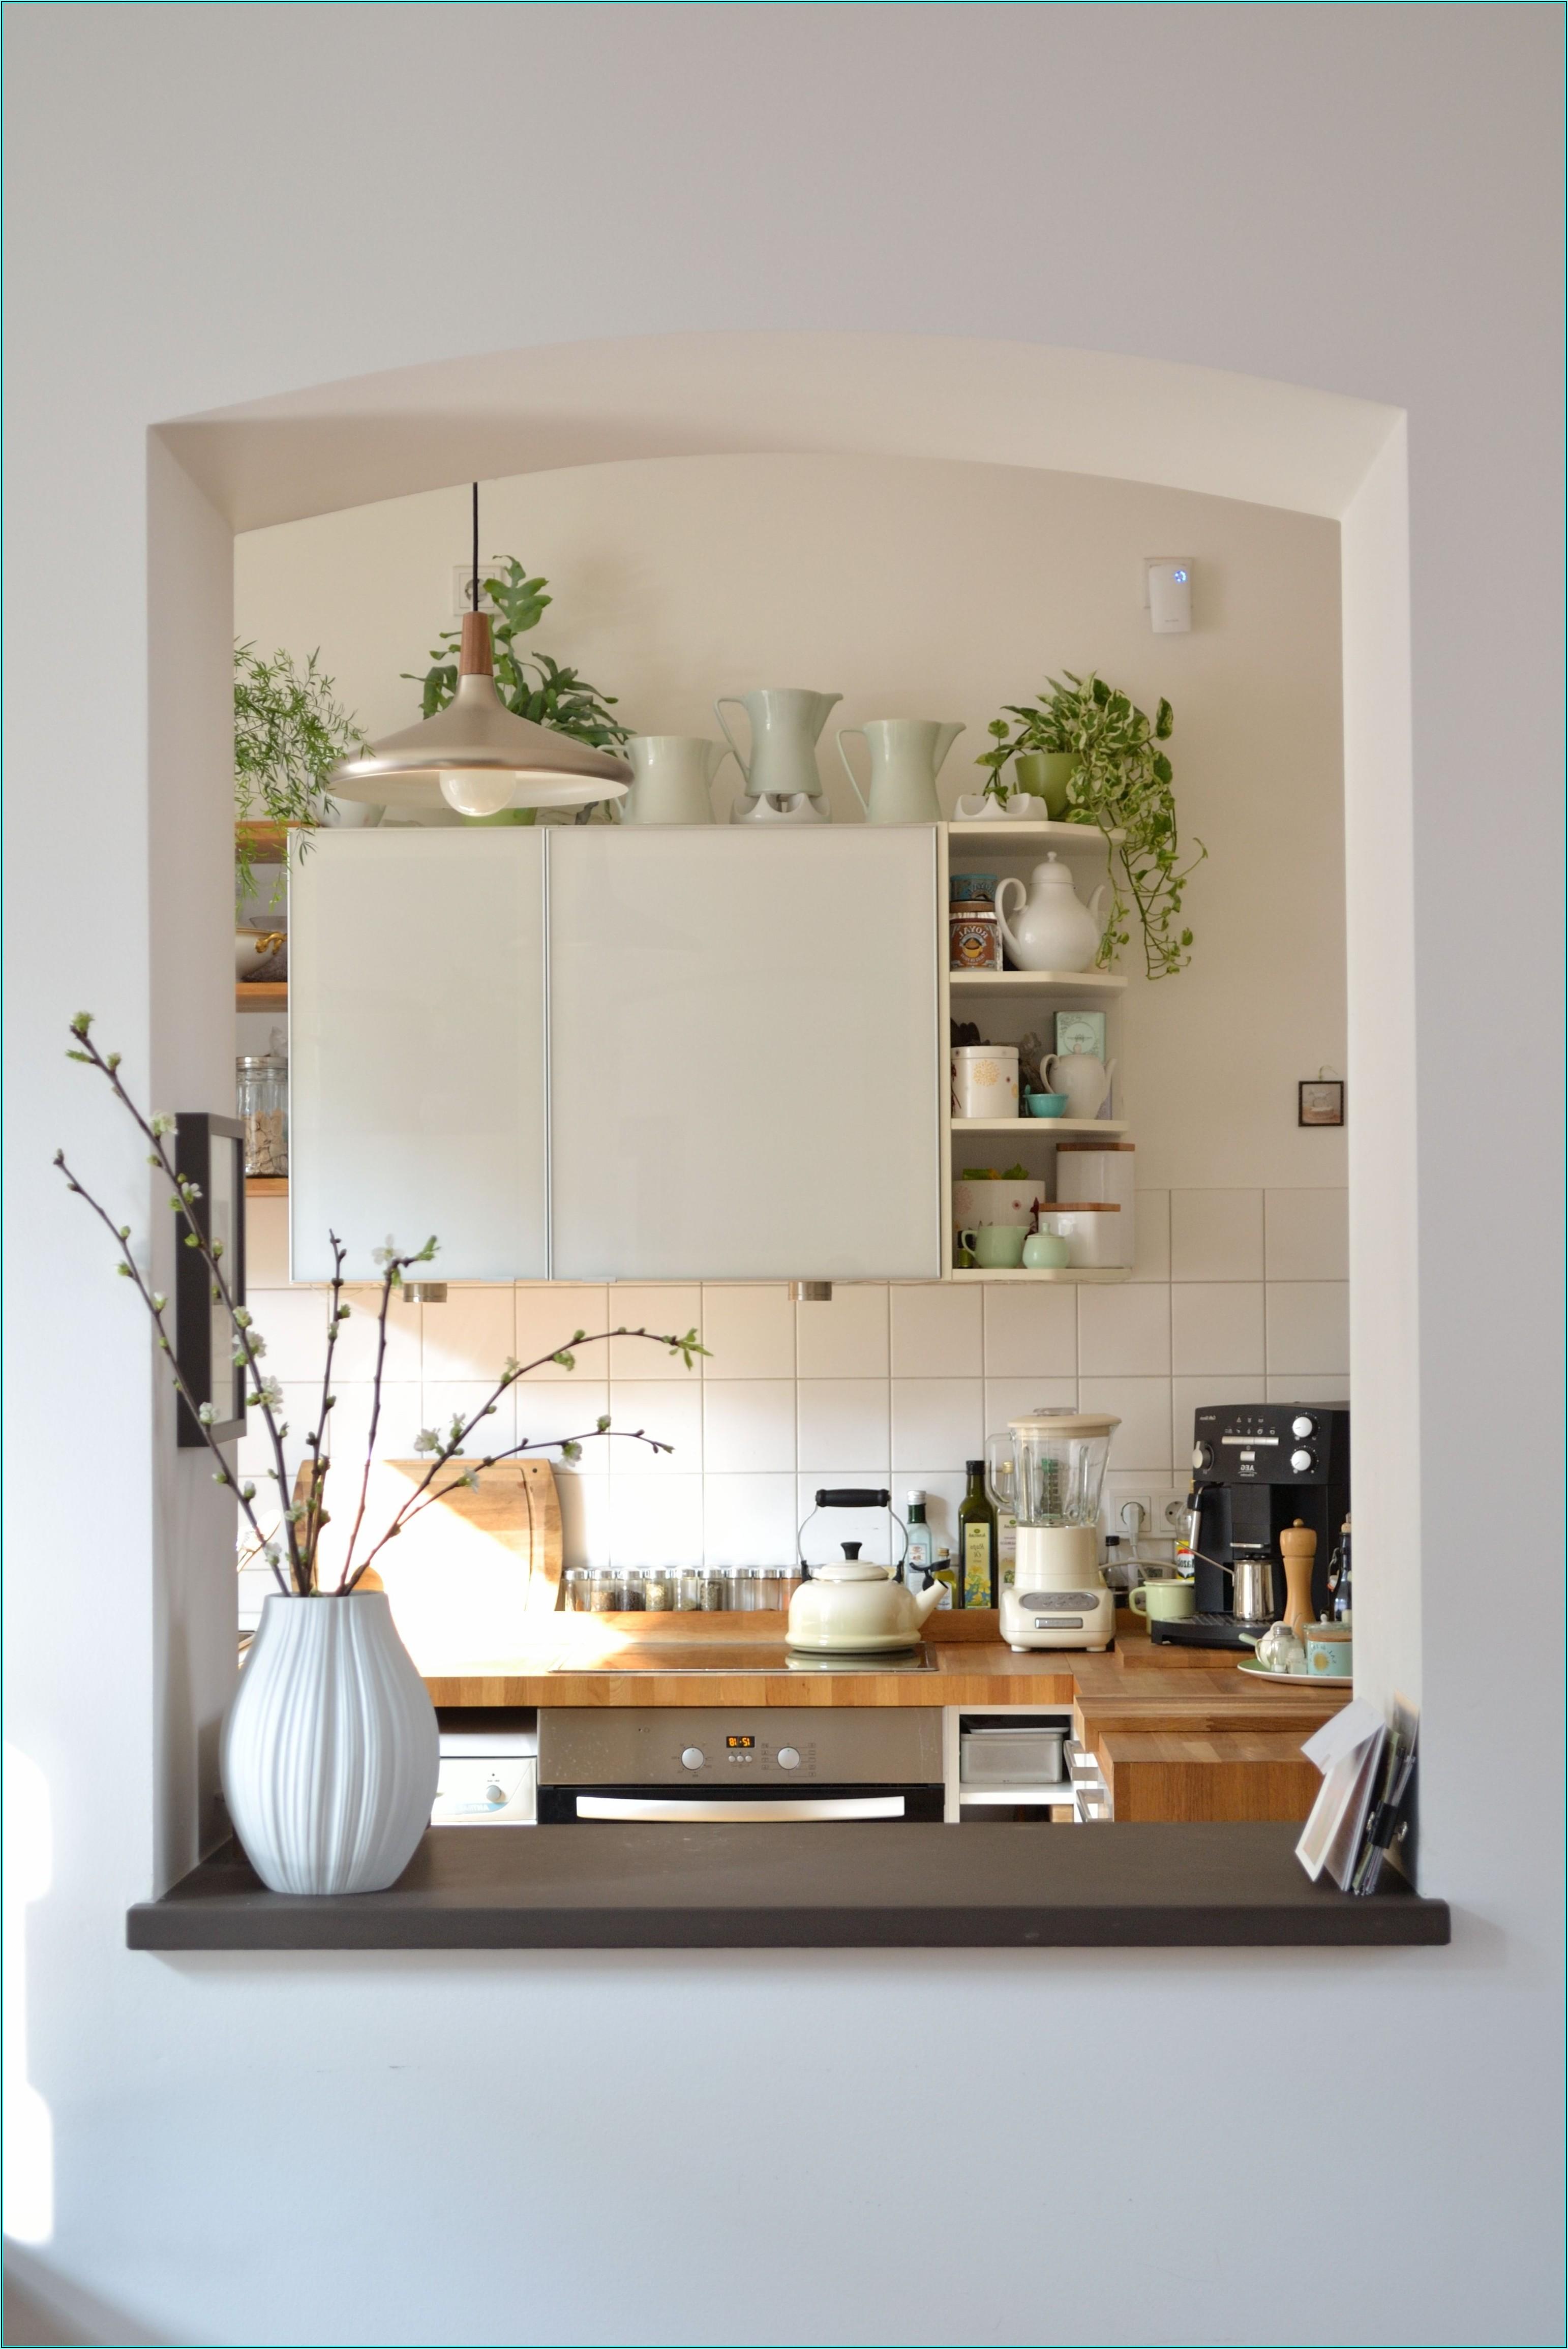 Durchreiche Küche Wohnzimmer Bilder